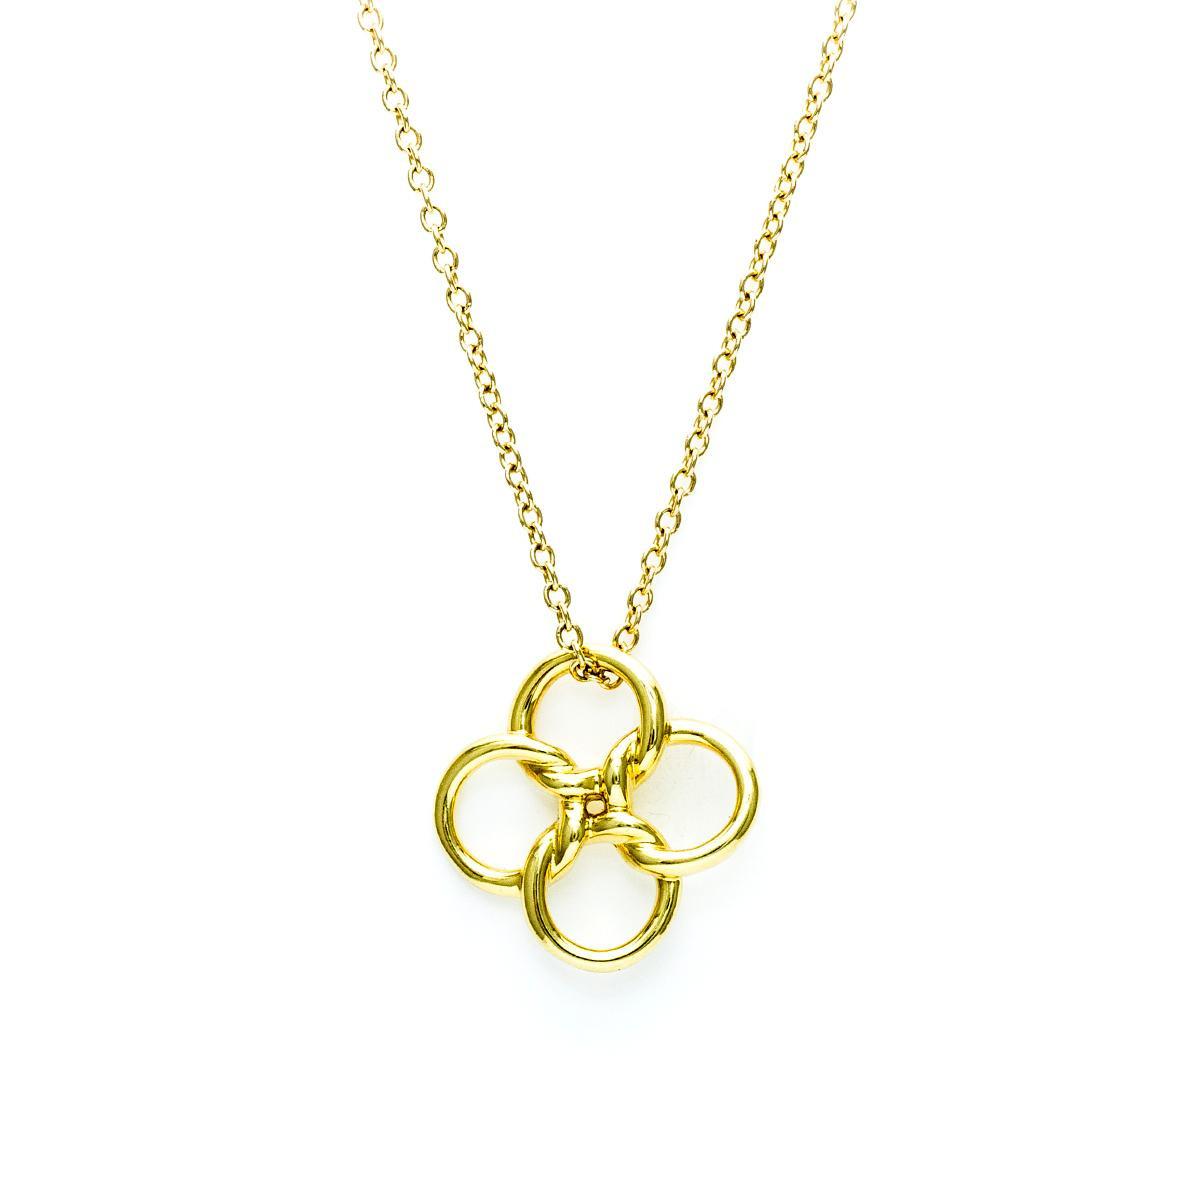 Tiffany co elsa peretti 18k quadrifoglio pendant elsa peretti 18k quadrifoglio pendant gallery image mozeypictures Gallery